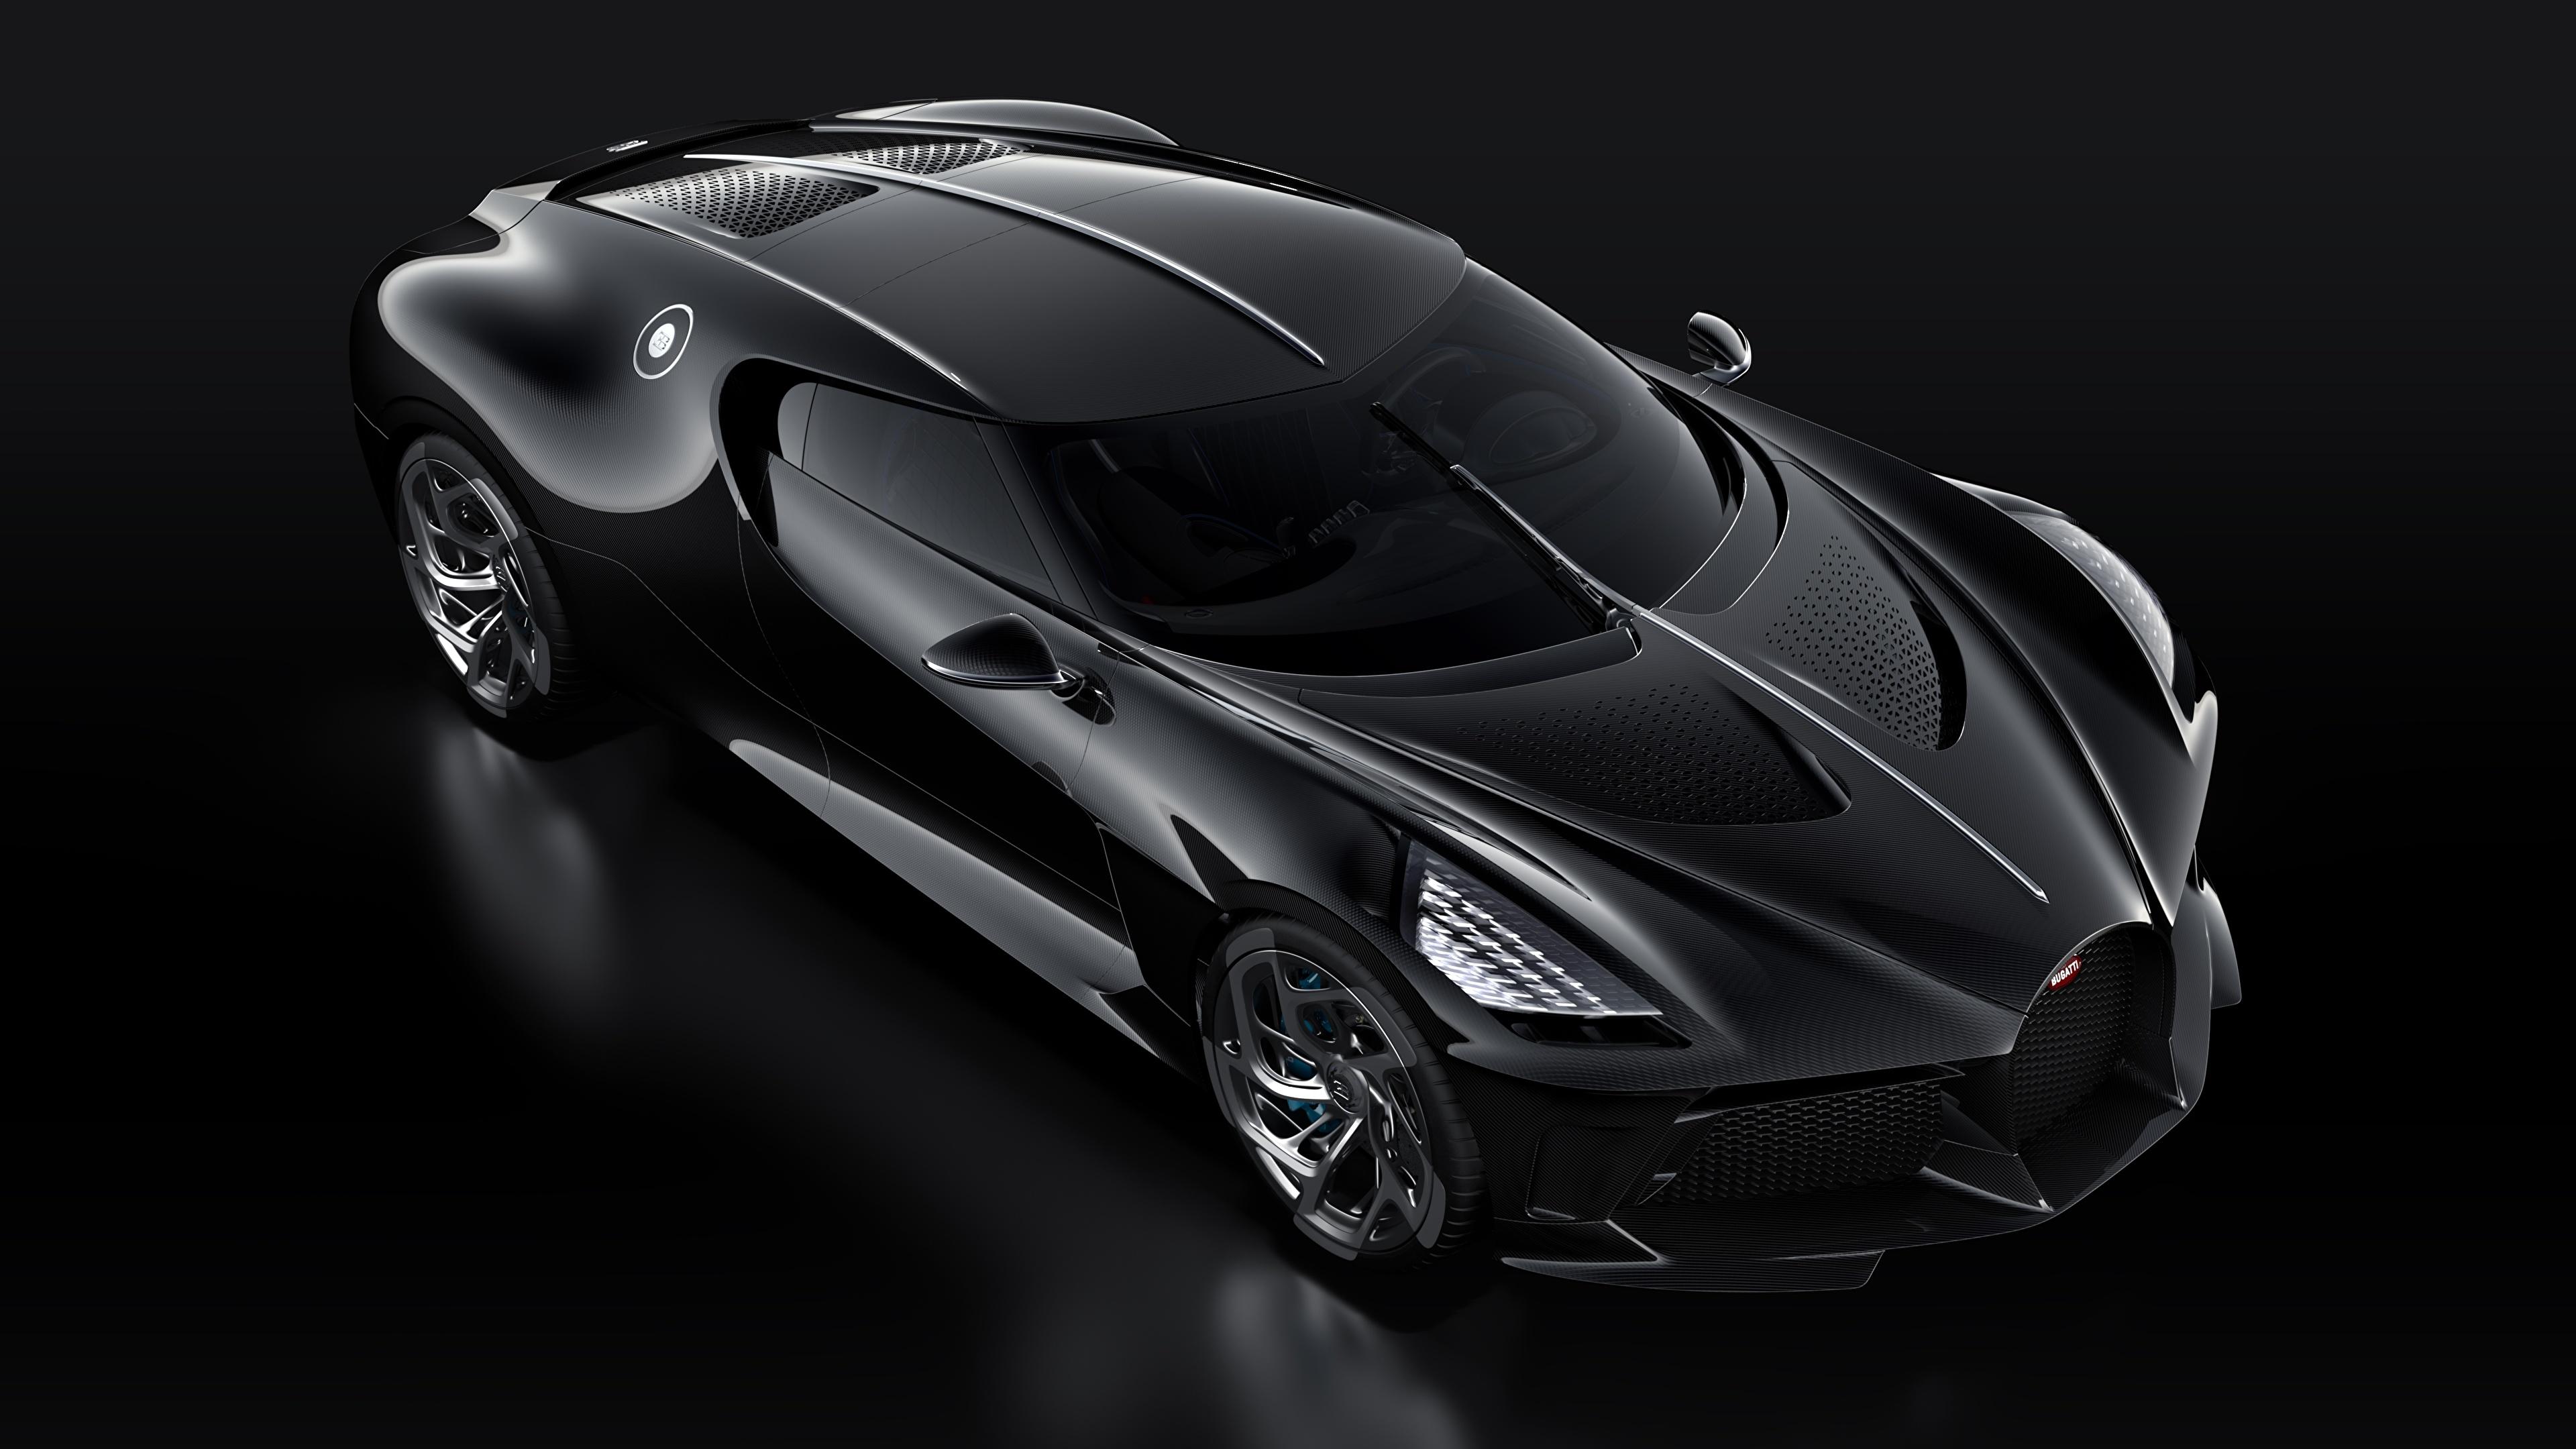 Картинка BUGATTI La Voiture Noire черные Машины Черный фон 3840x2160 черных Черный черная Авто Автомобили